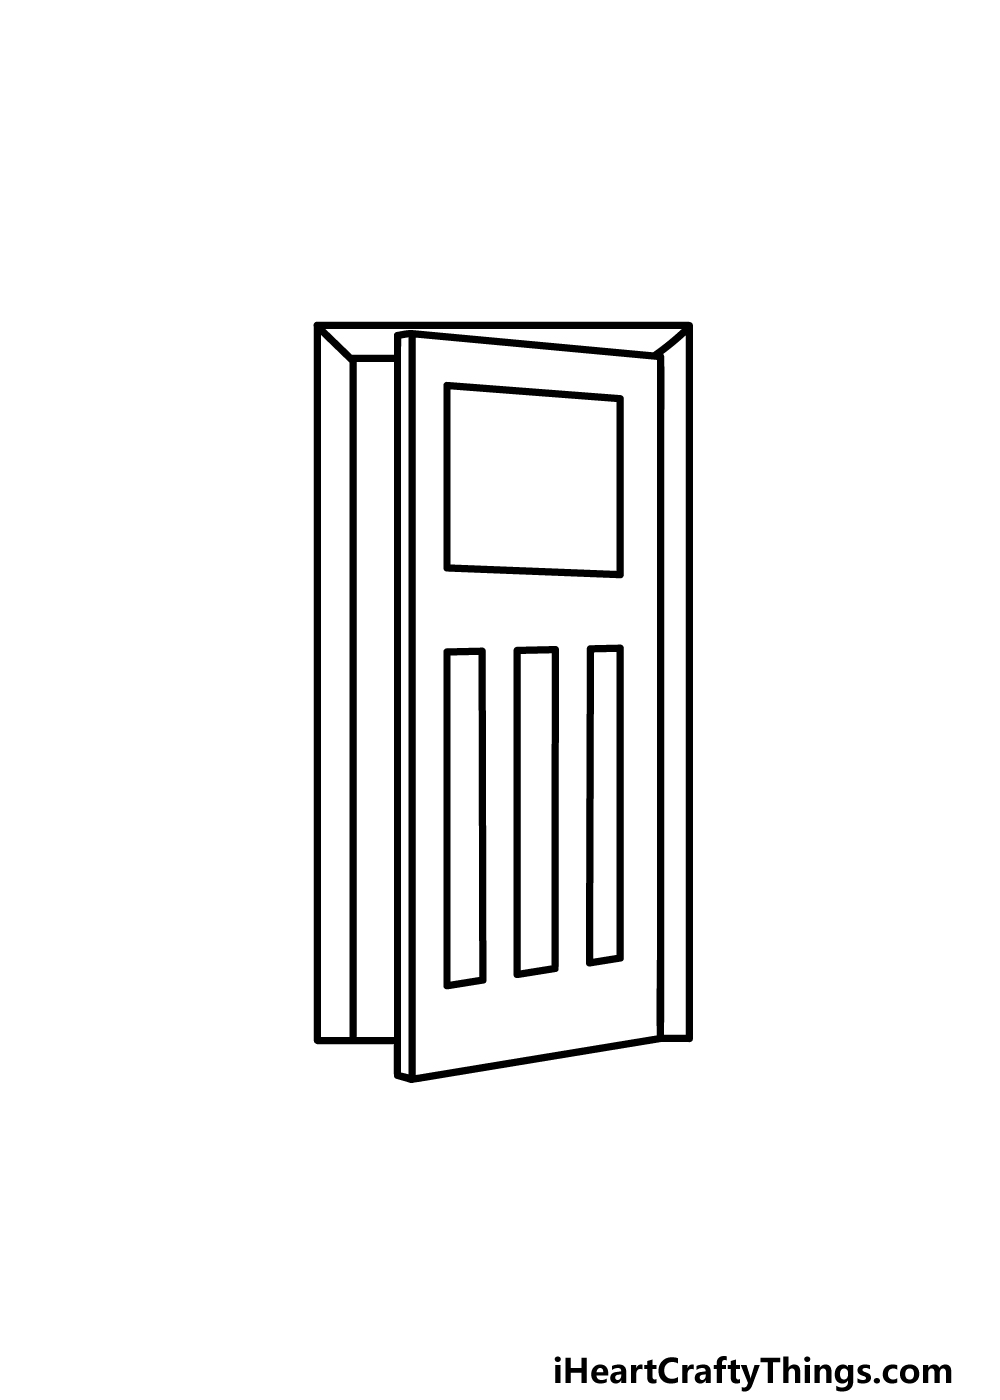 drawing a door step 4